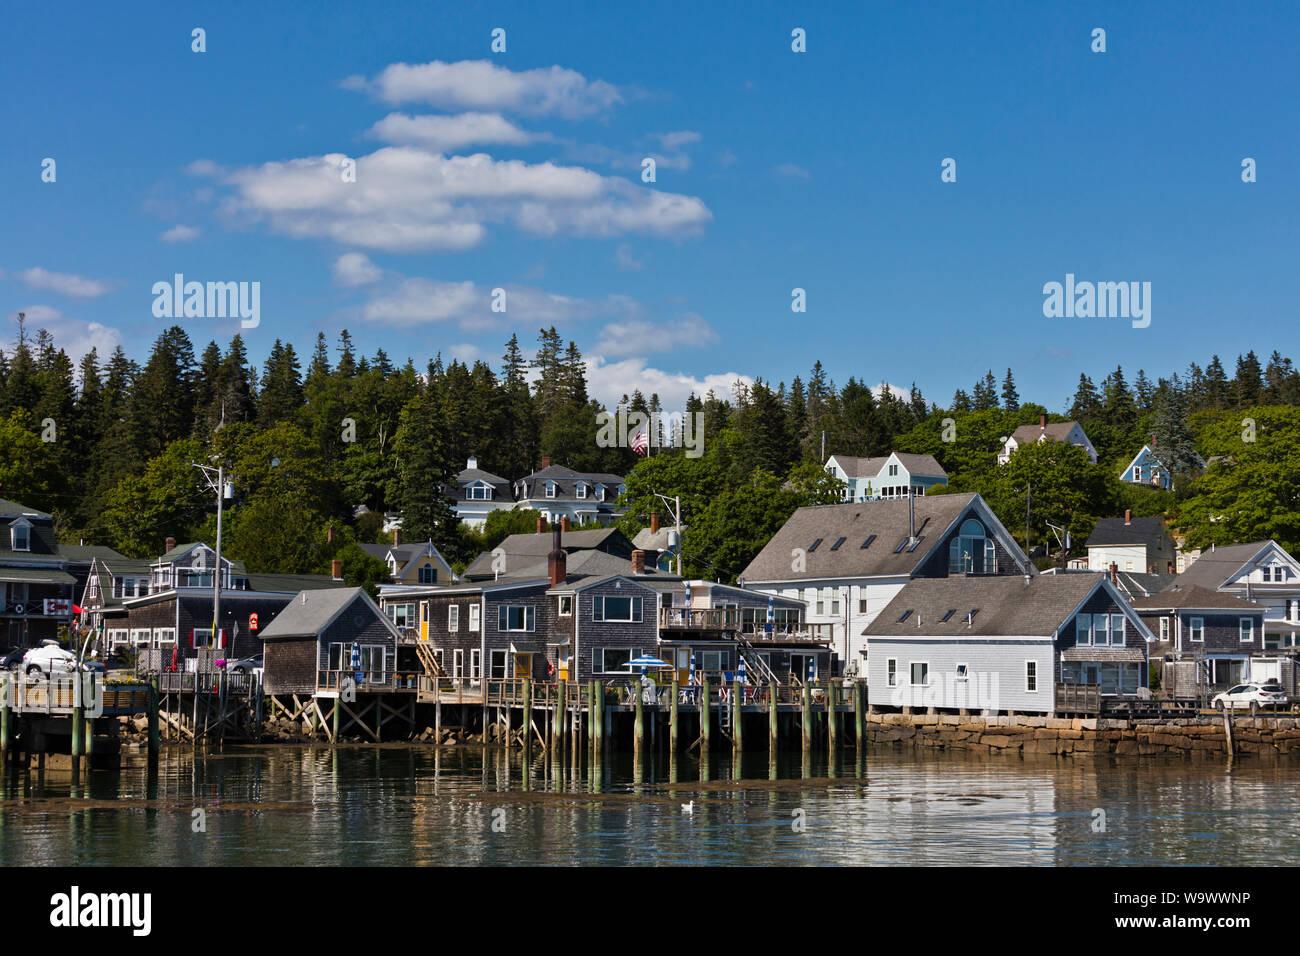 Los hogares a lo largo de la costa en STONINGTON un importante puerto de pesca de langosta y destino turístico - Deer Island, Maine Foto de stock